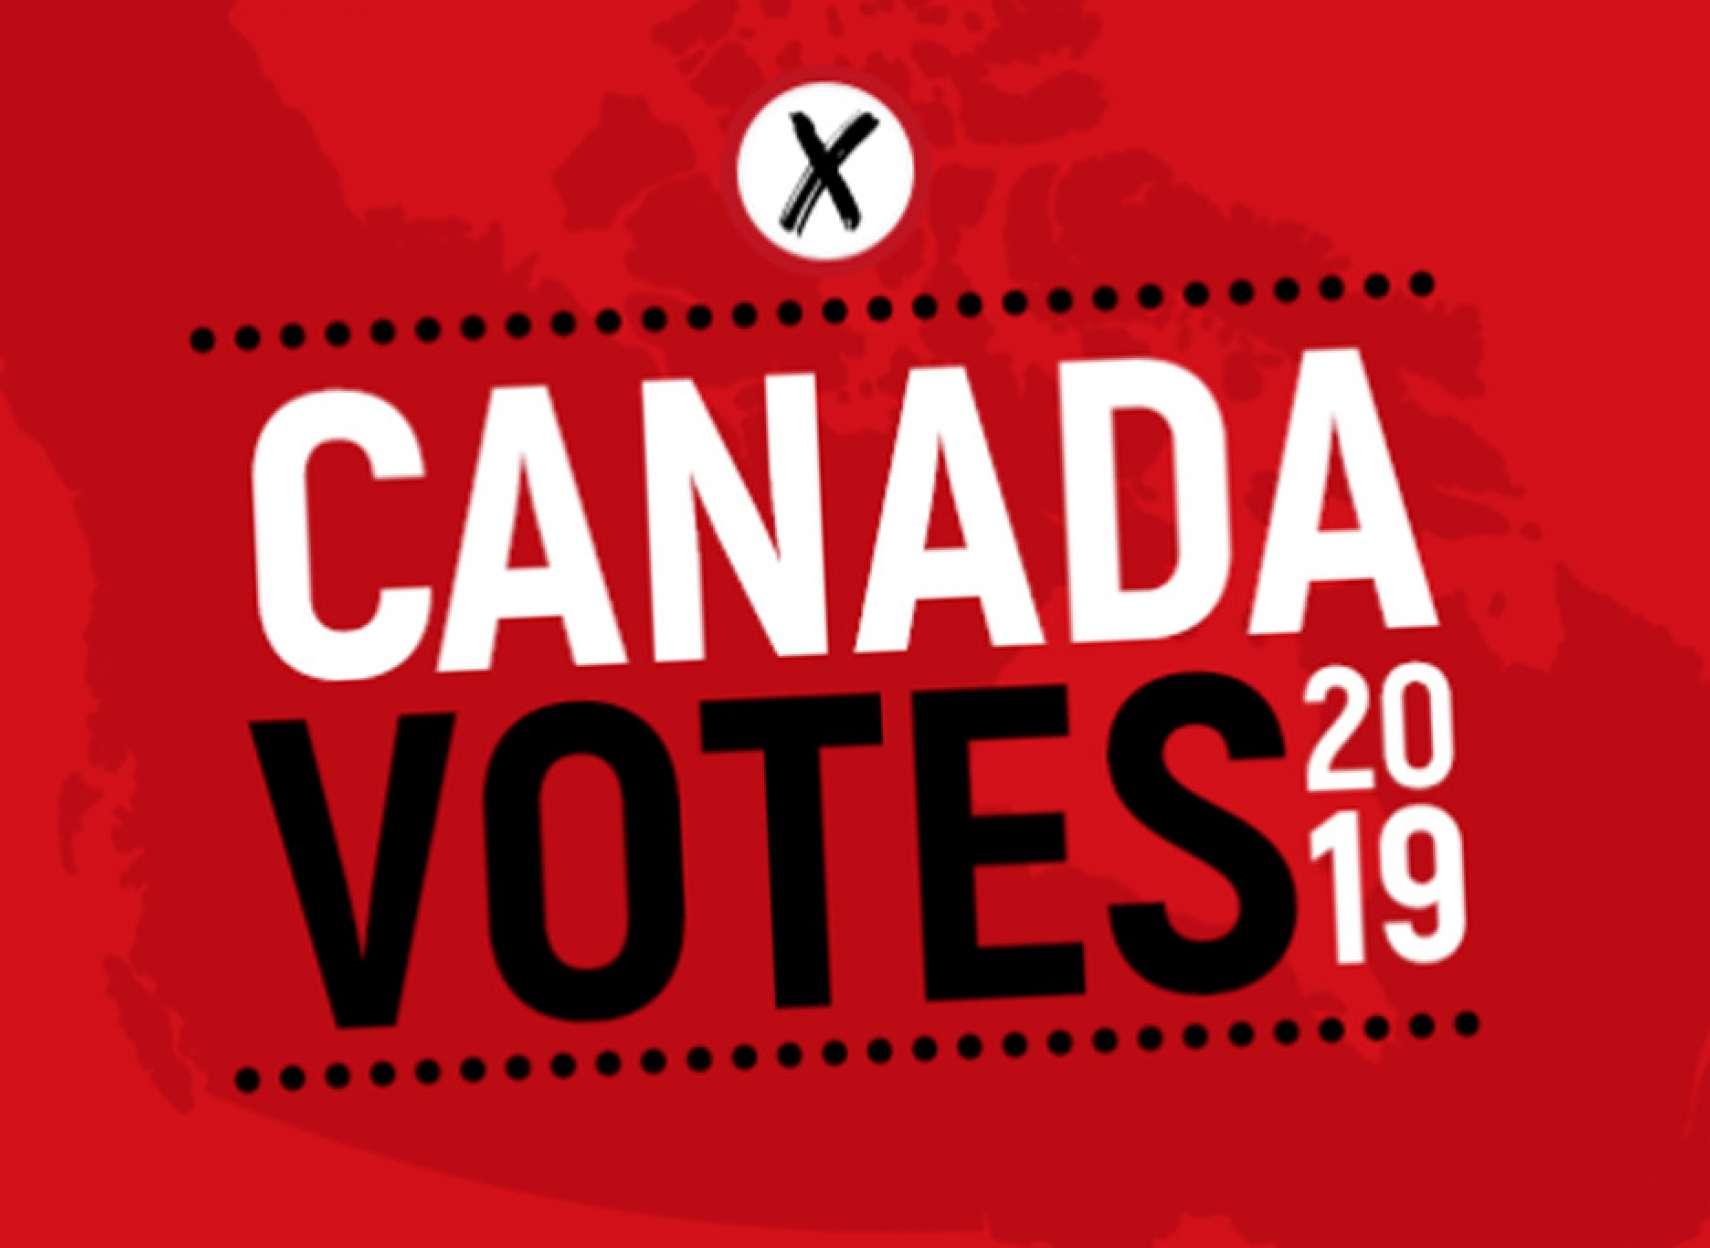 کانادا-آرش-آبادی-رای-دادن-یا-ندادن-مسئله-این-است